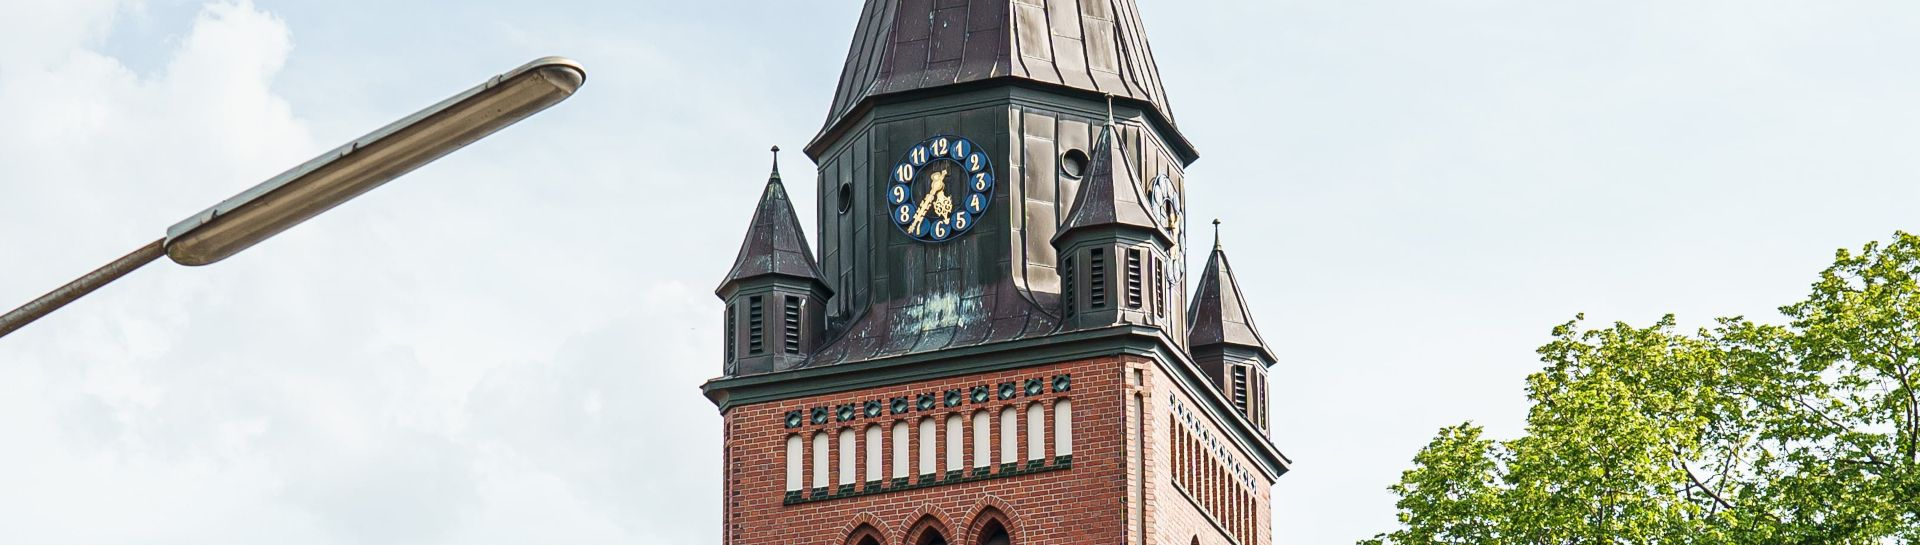 Block auf die Turmuhr am Nortruper Kirchturm